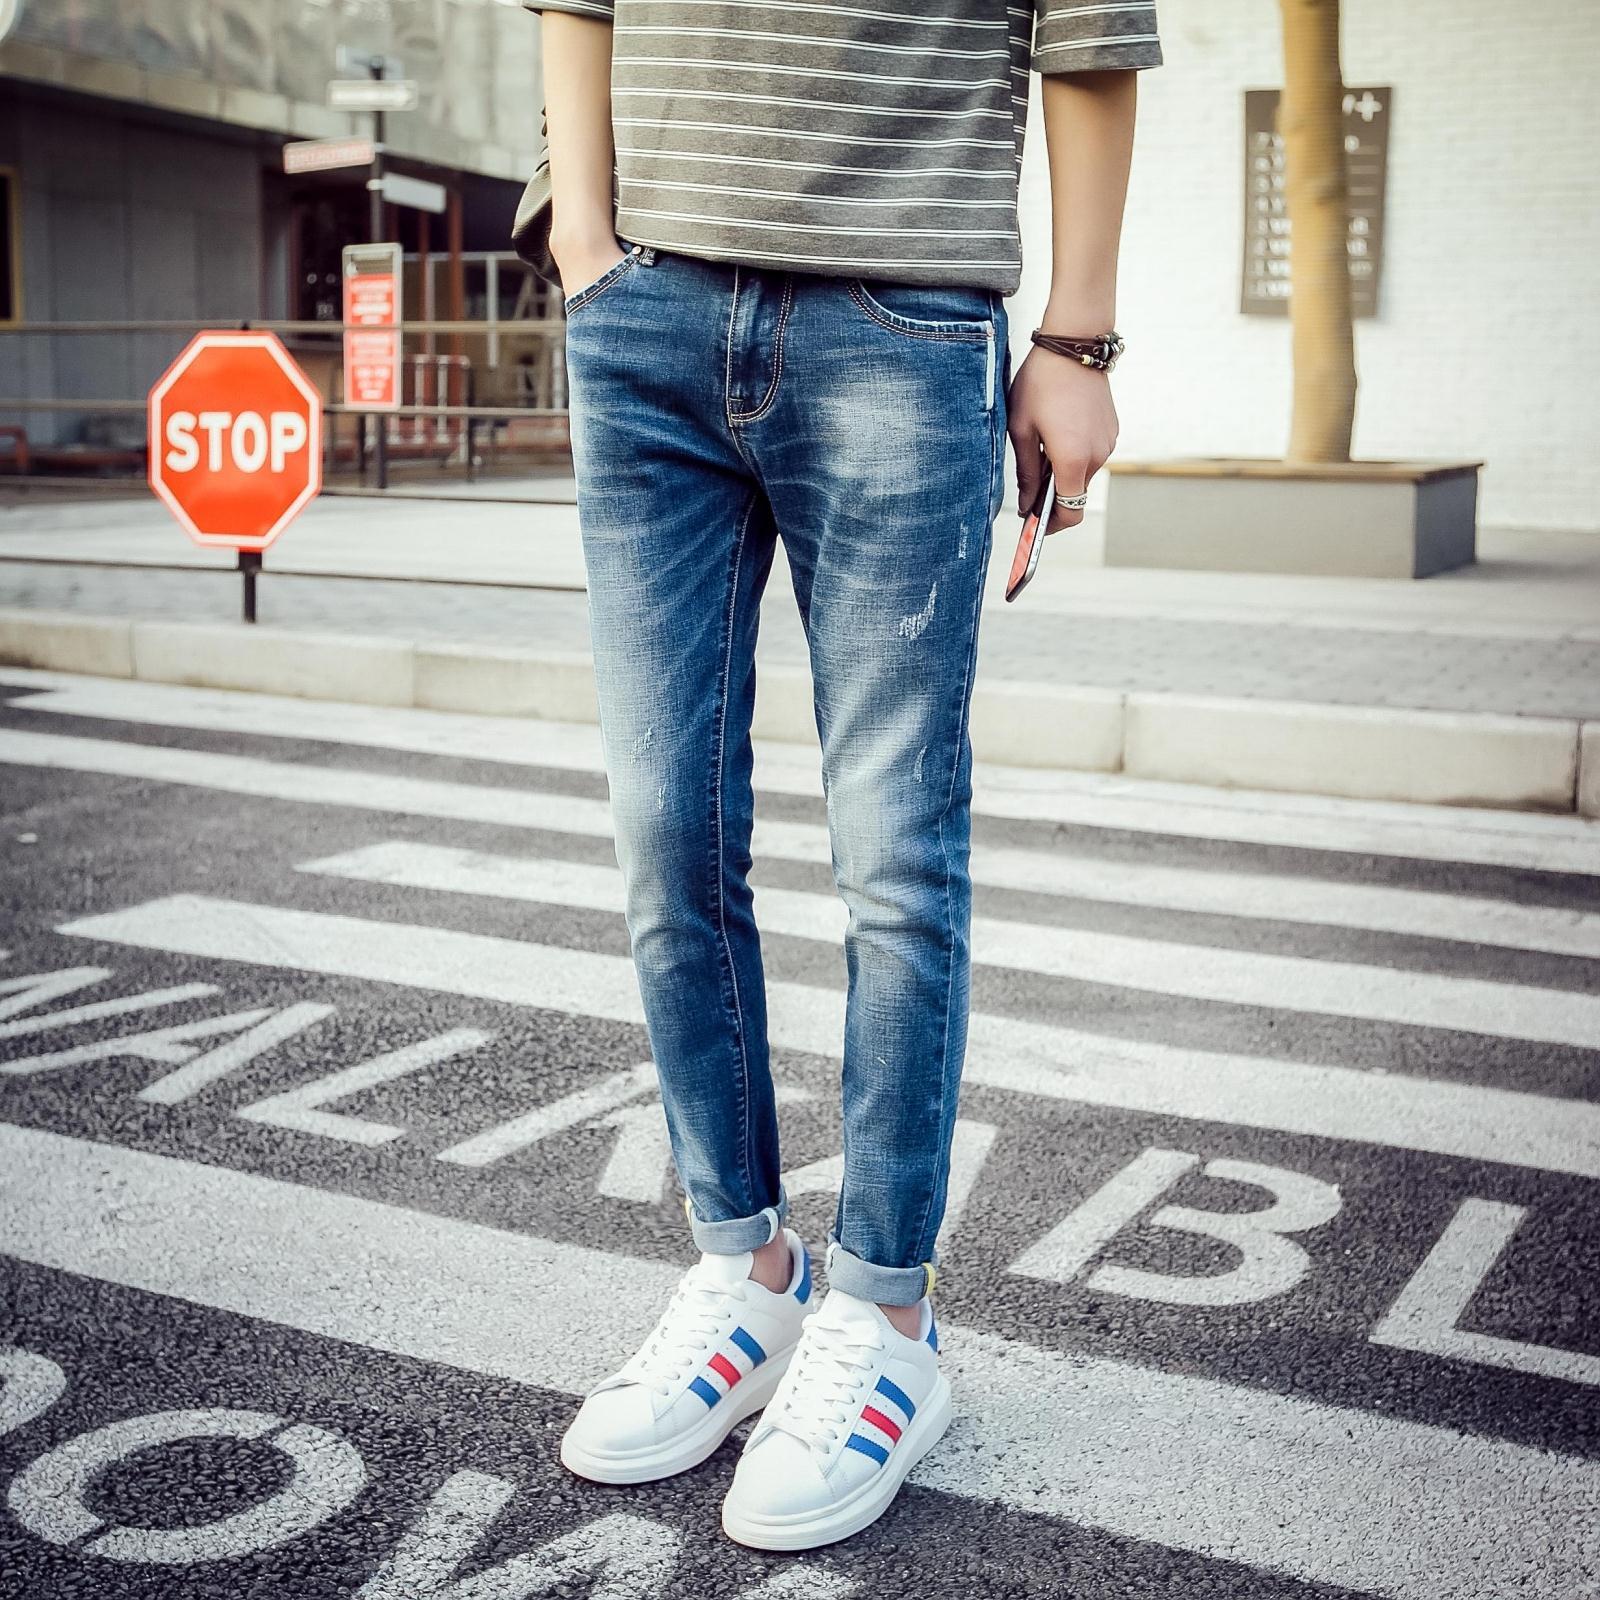 Тоненькие ножки молодых фото 13 фотография